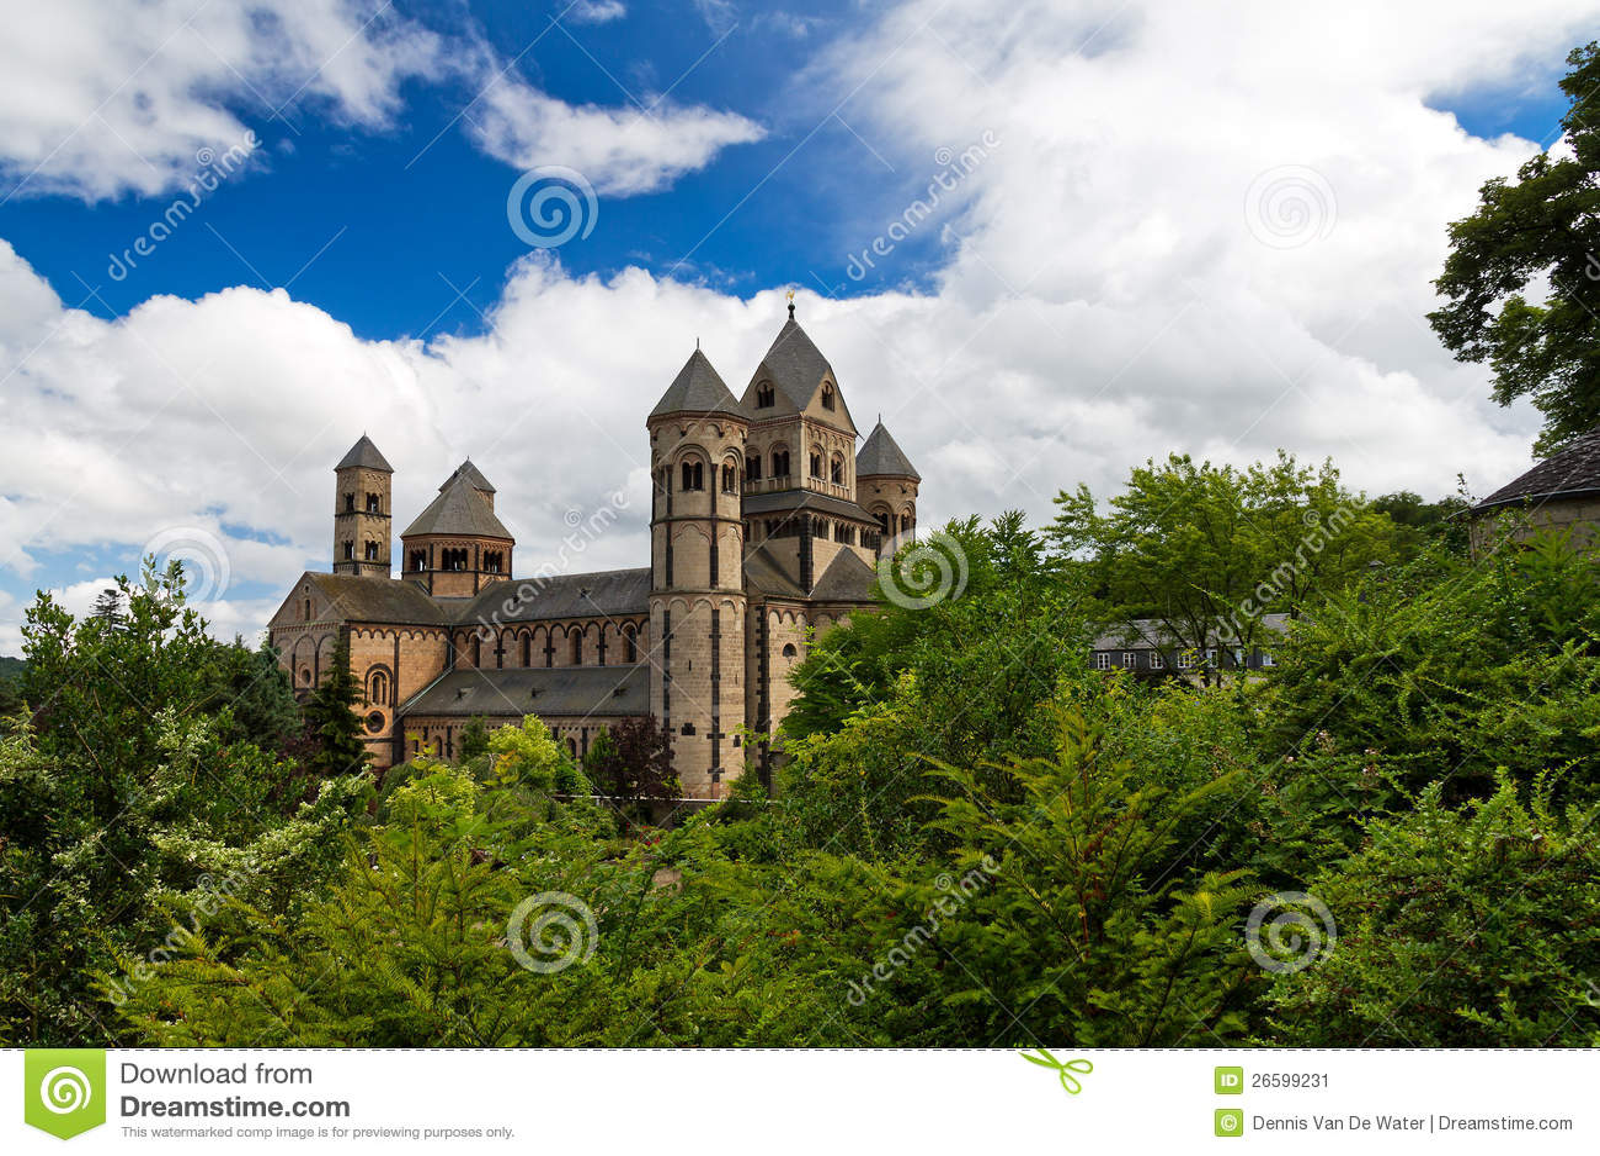 Abtei im Holz